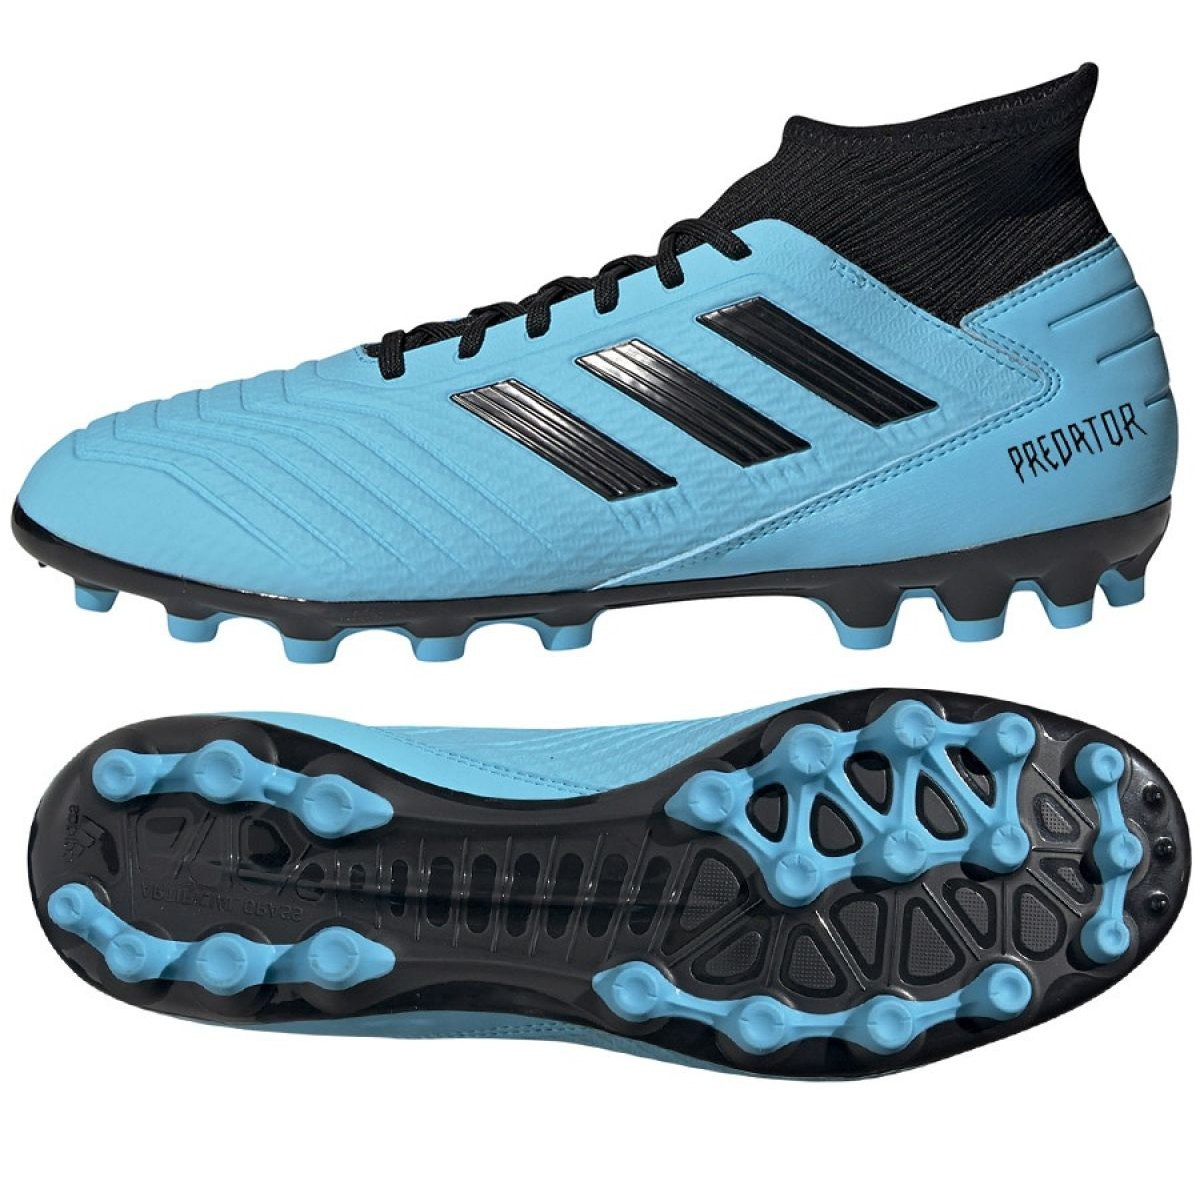 Chuteiras de futebol adidas Predator 19.3 Ag M F99990 azul azul